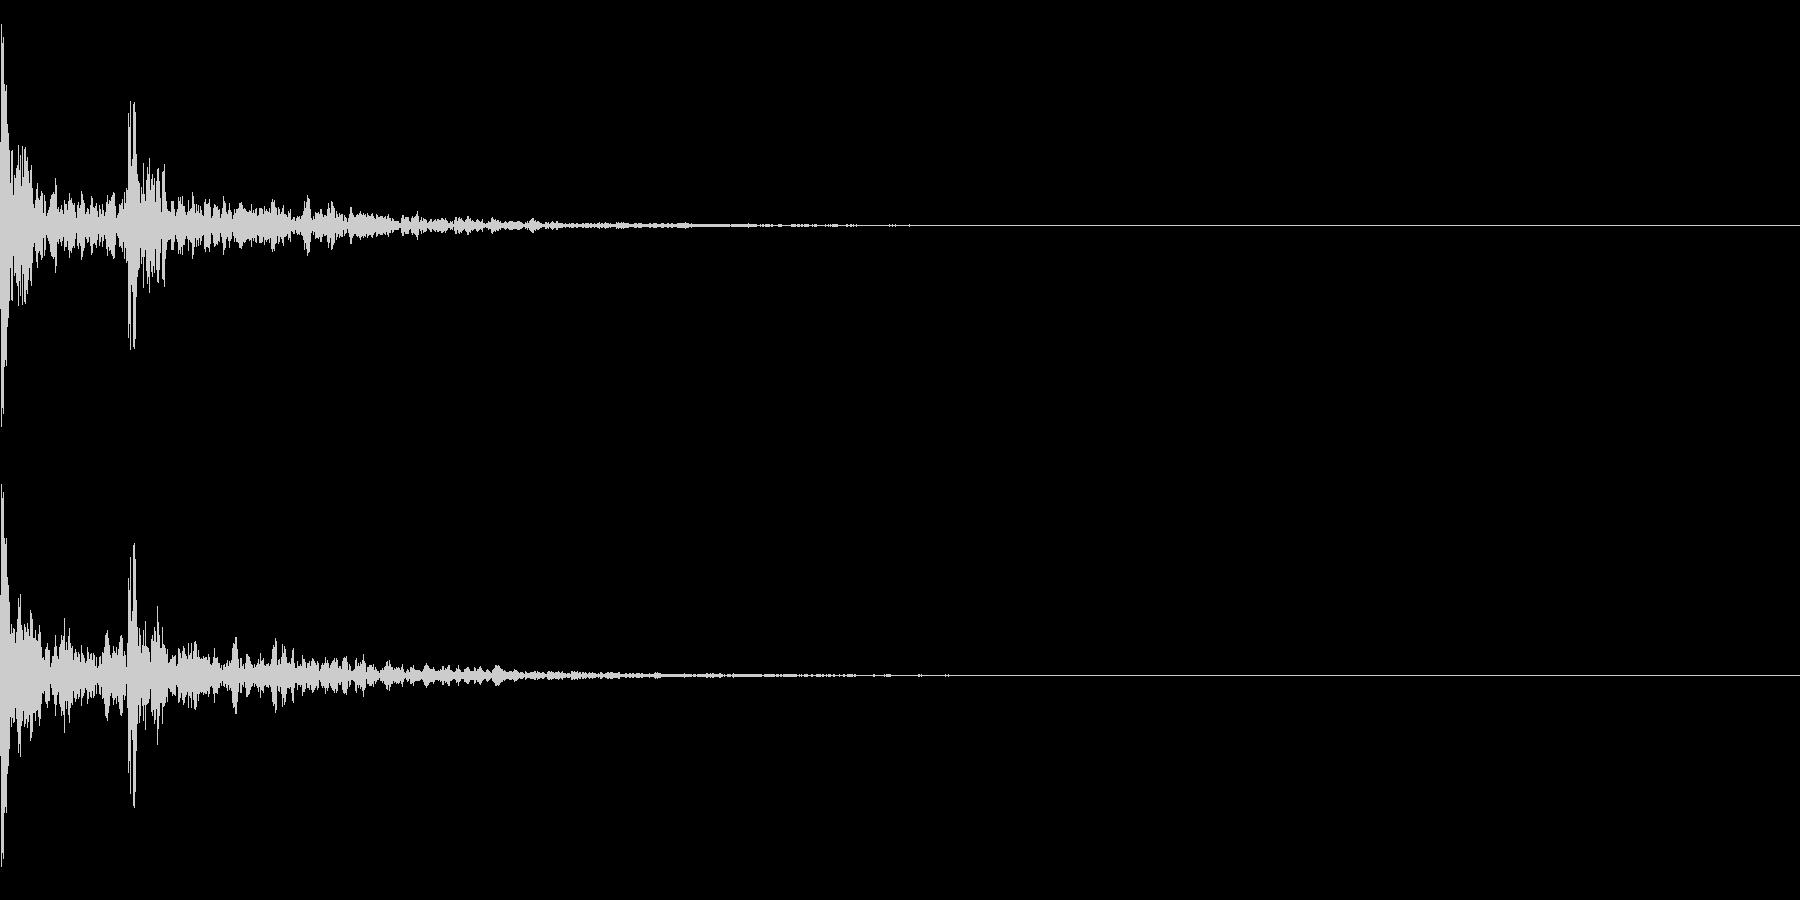 和風「カカーン」拍子木の音の未再生の波形